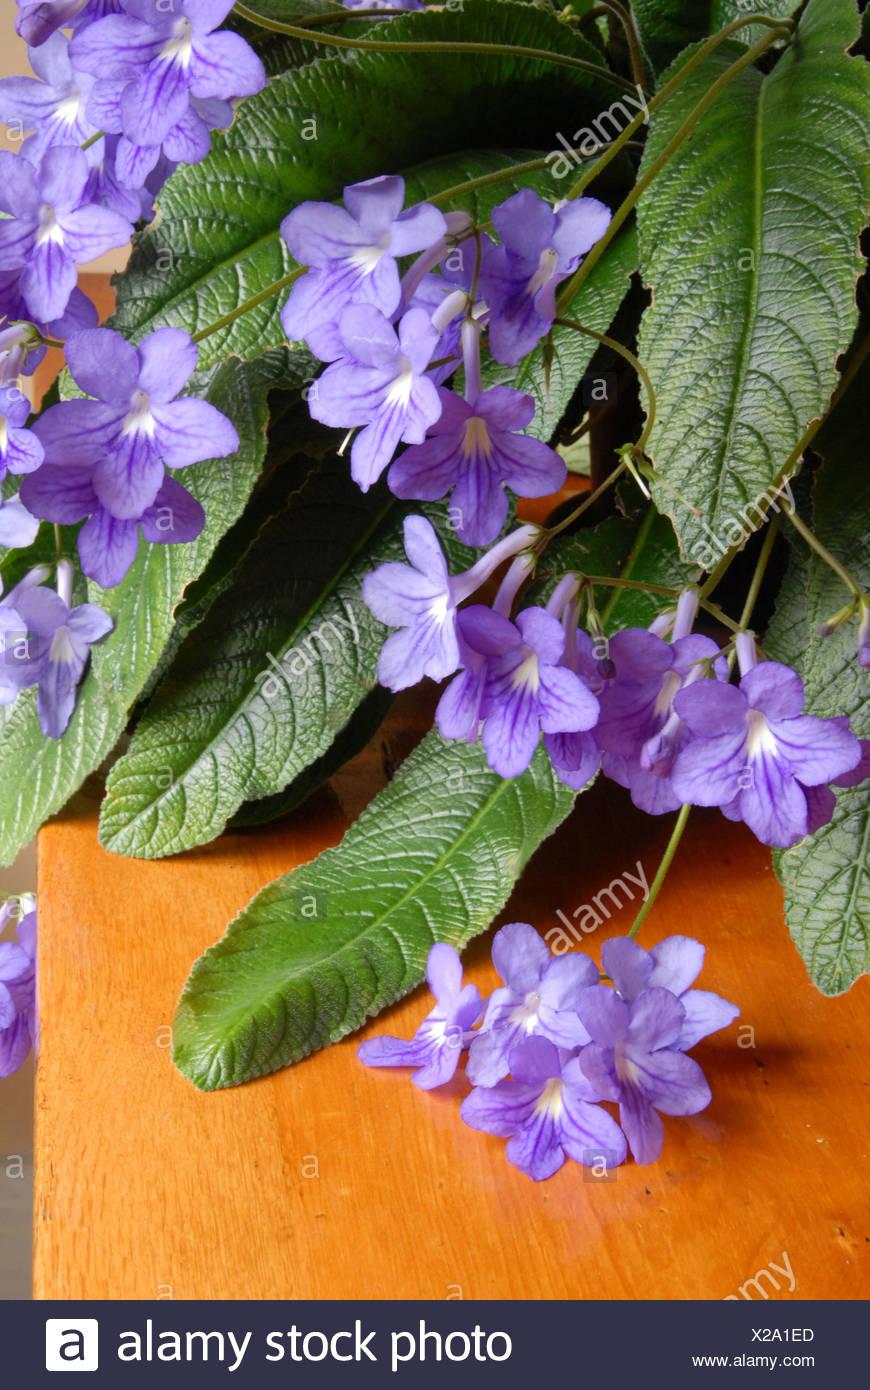 L Interieur A L Interieur Du Cap Streptocarpus Plantes Fleurs Fleur